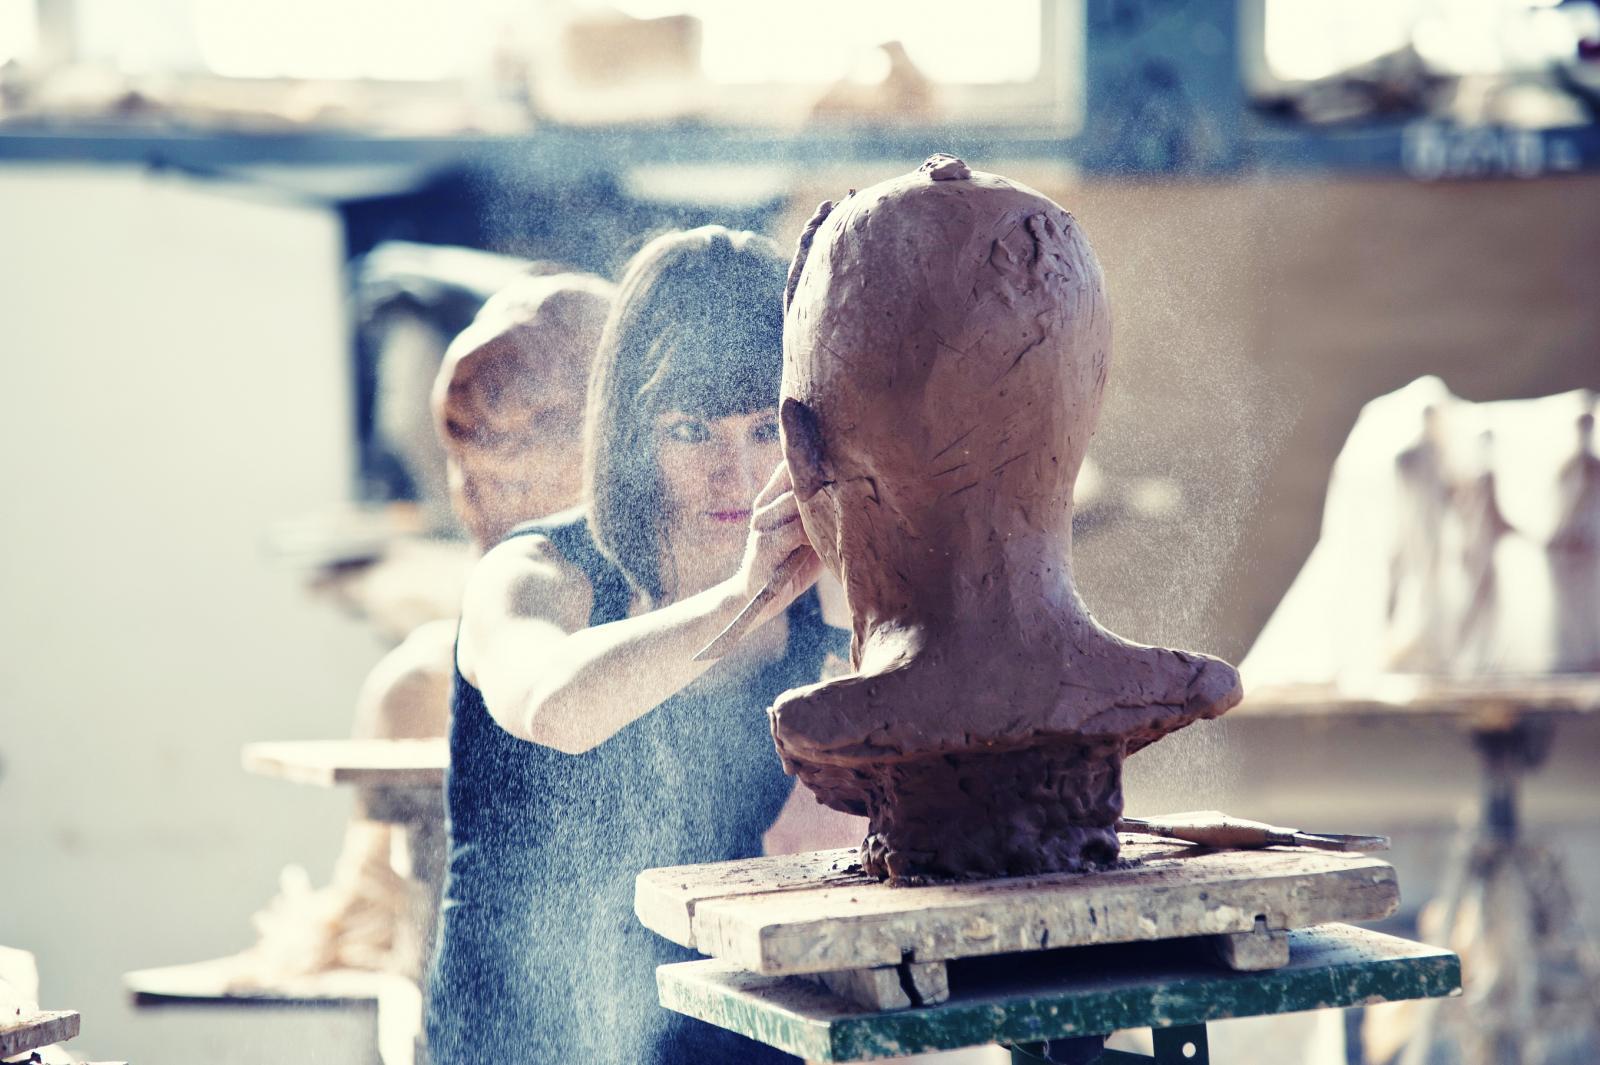 Oblikovanje gline jednako je zanimljivo i starijima i mlađima u njihovo slobodno vrijeme te je ona neodoljiv materijal za izražavanje cijeloj obitelji. Igra i rad s glinom može biti i vaša jesenska zanimacija.